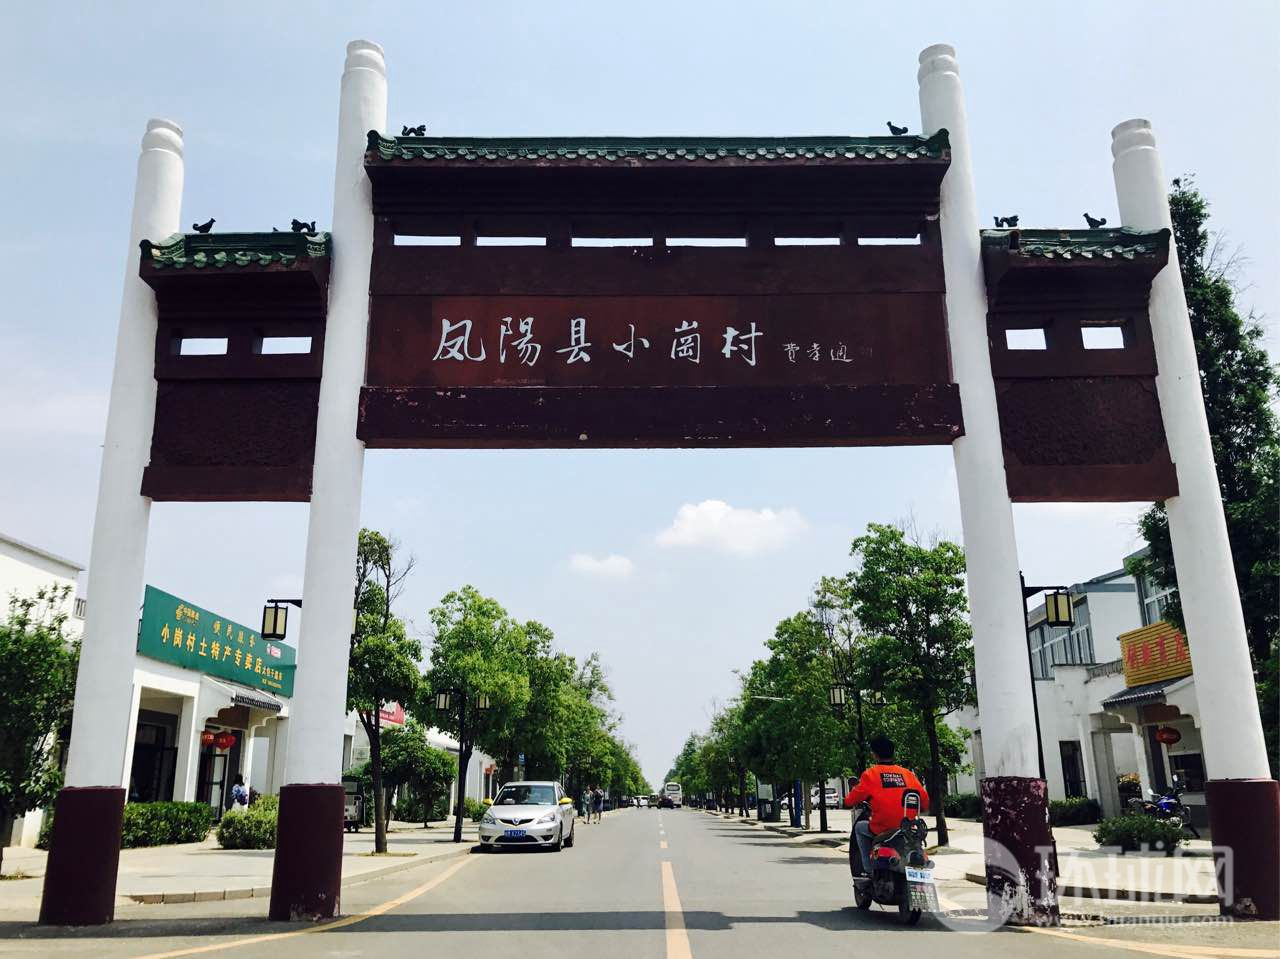 小岗村位于安徽省凤阳县东部,是中国农村改革的发源地,国家4a级旅游